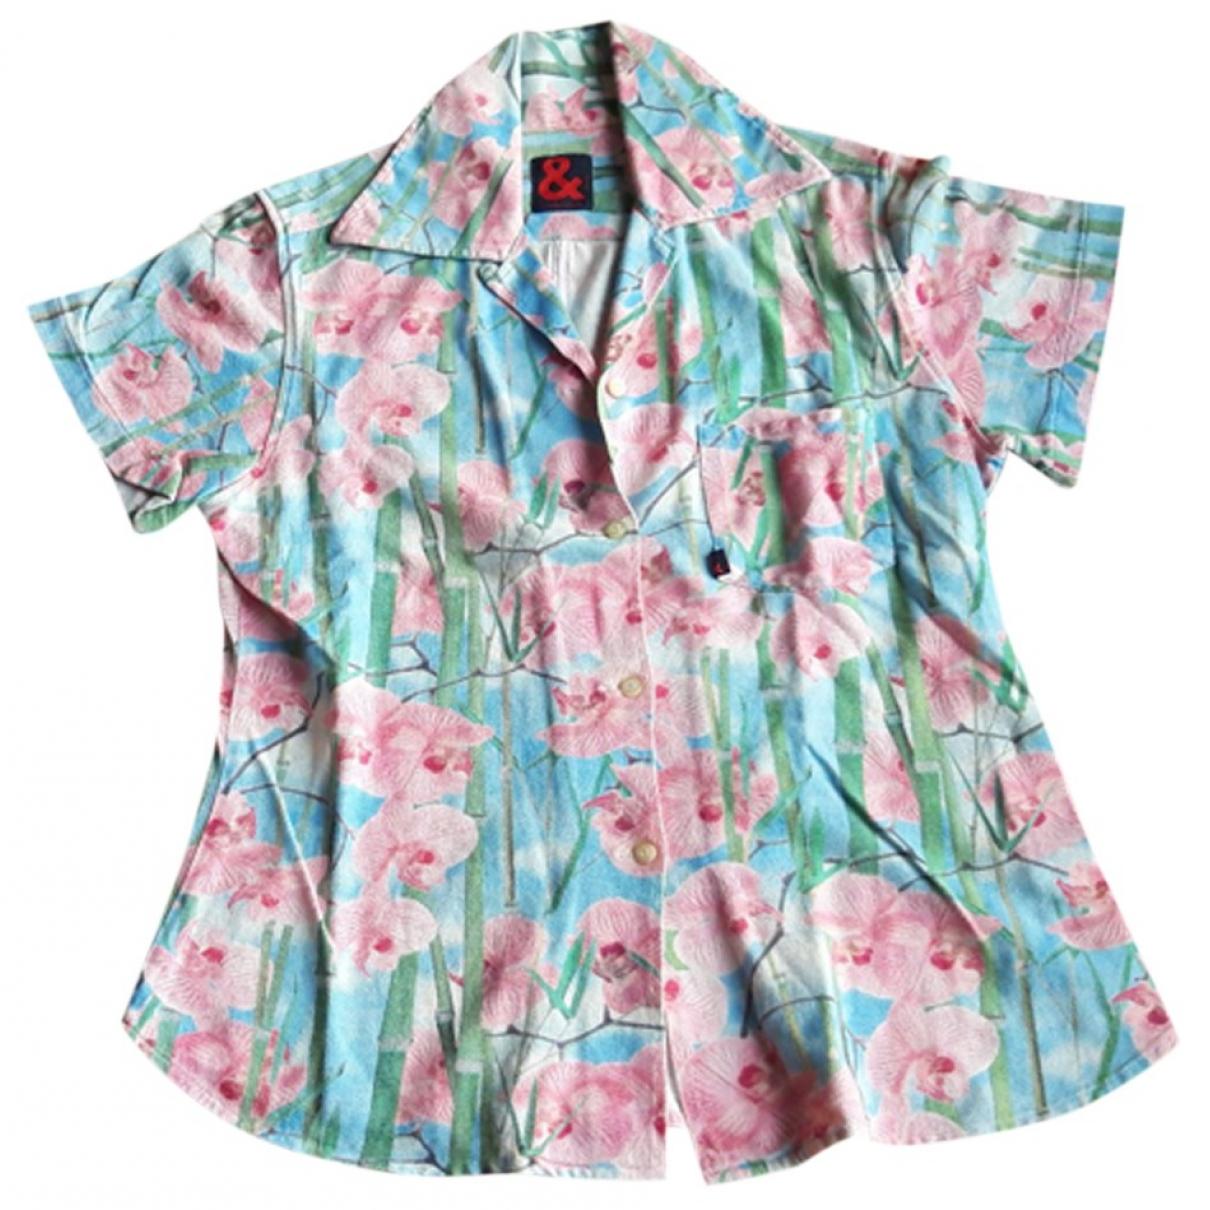 D&g - Top   pour femme en coton - multicolore